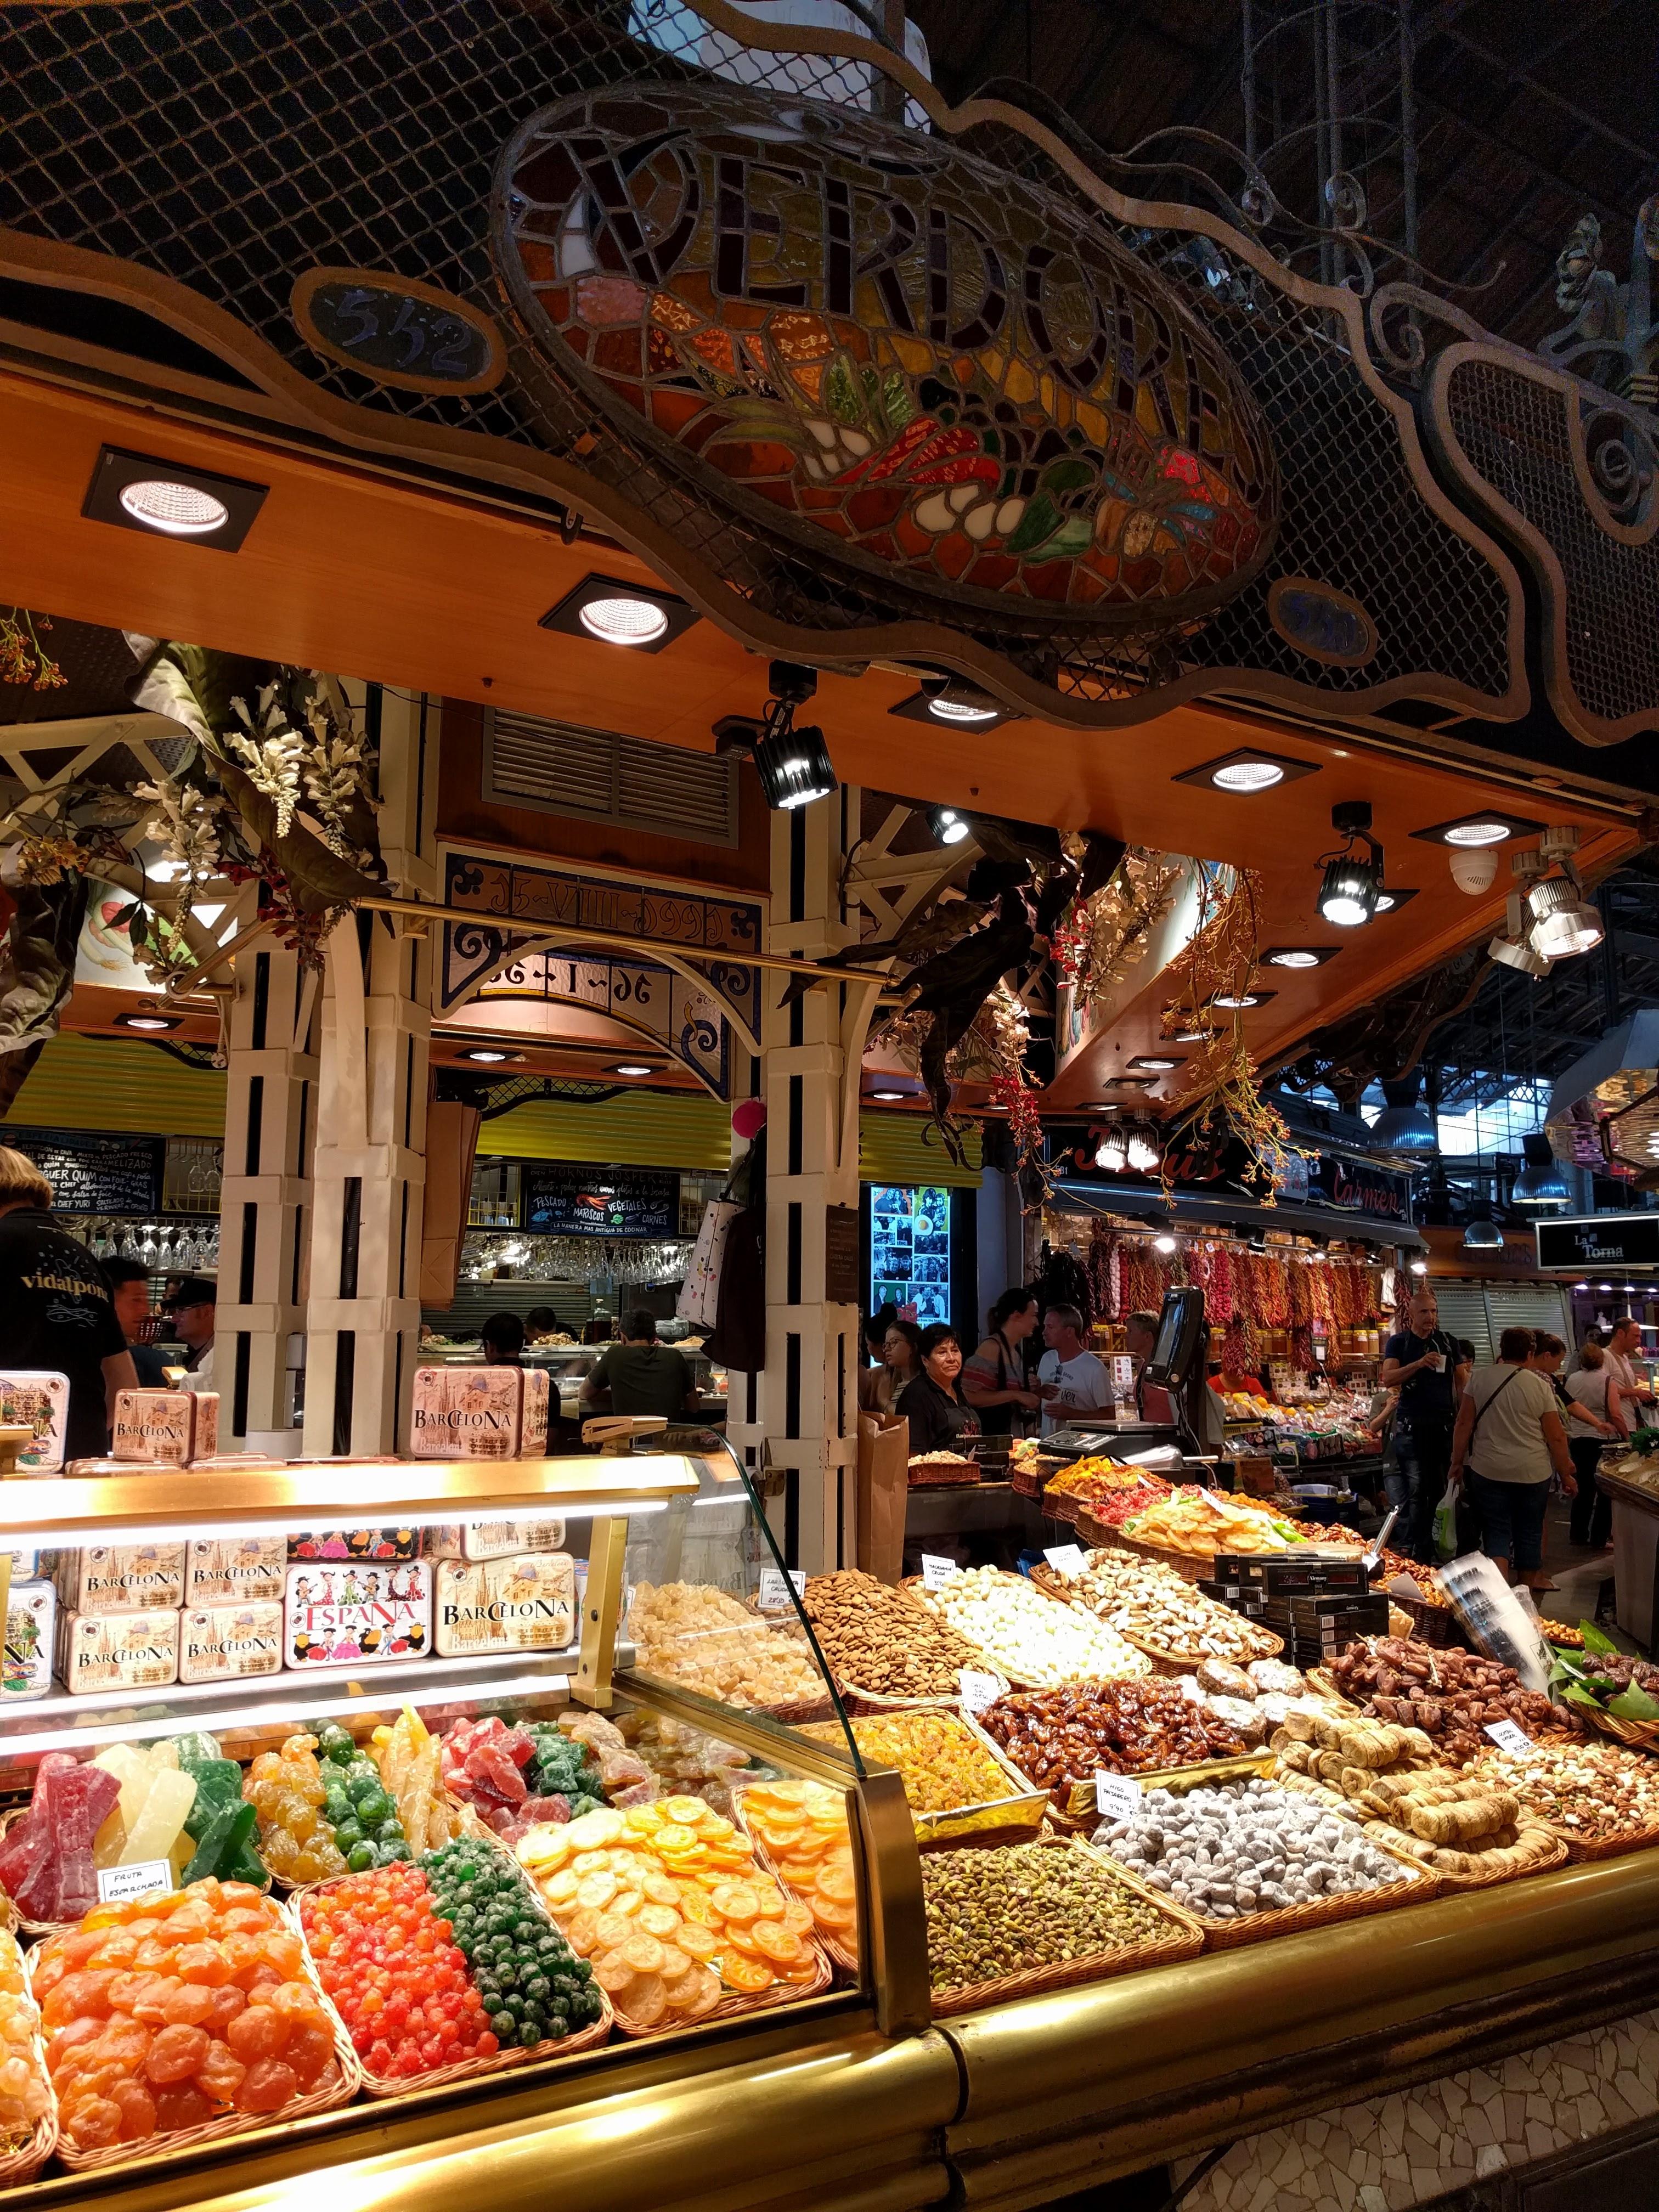 Barselona je pijaca Bokerija. Eksplozija boja, ukusa i mirisa sa vazduhom teškim od zvukova. Šarene se tezge sa mesom, ribom, začinima, ali najviše se traže posudice sa voćem, najšarenije osveženje na preko trideset stepeni. Već na ulazu mi ponovo preti vrtoglavica. Pitam se kako Barselonci obavljaju kupovinu kada im za leđima stoji red turista sa kamerama i fotoaparatima.